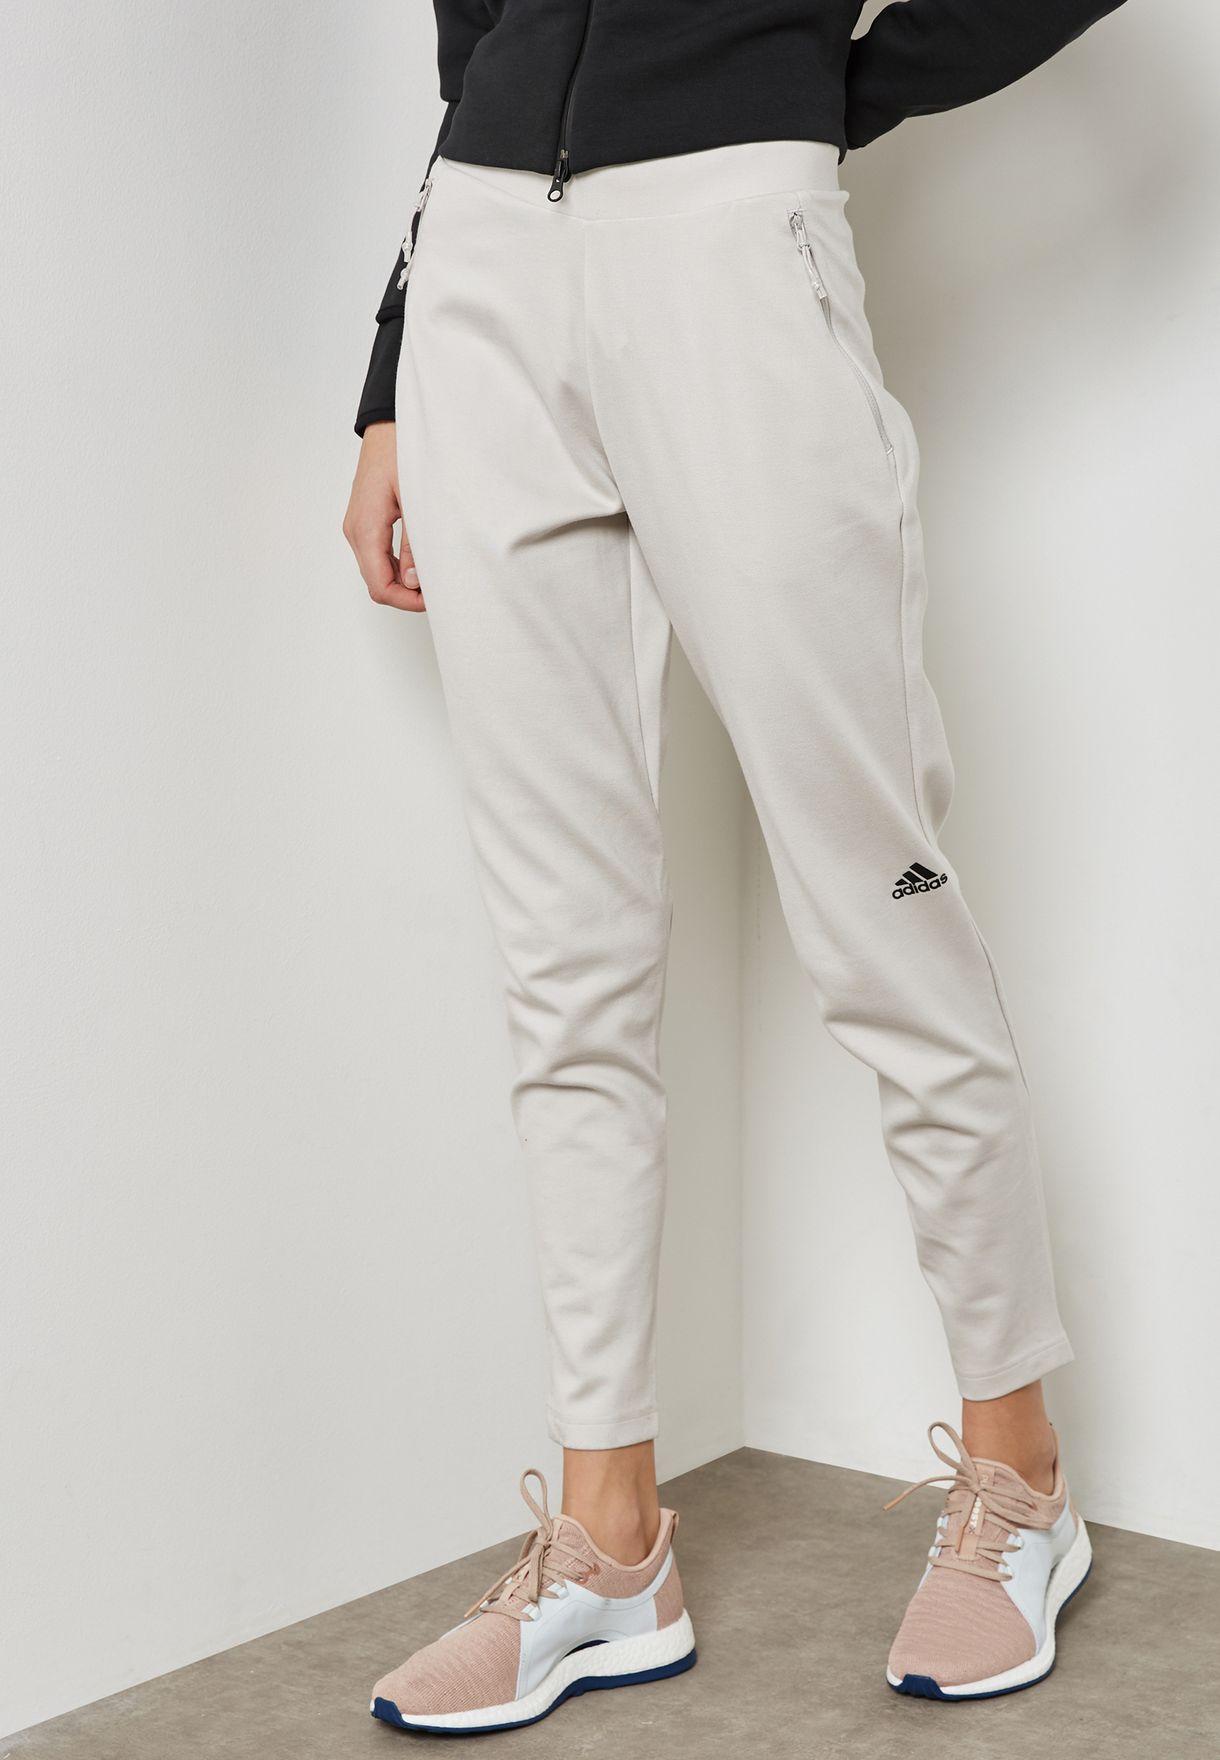 72c988648452 Shop adidas beige Z.N.E Strike Sweatpants CE5105 for Women in UAE ...